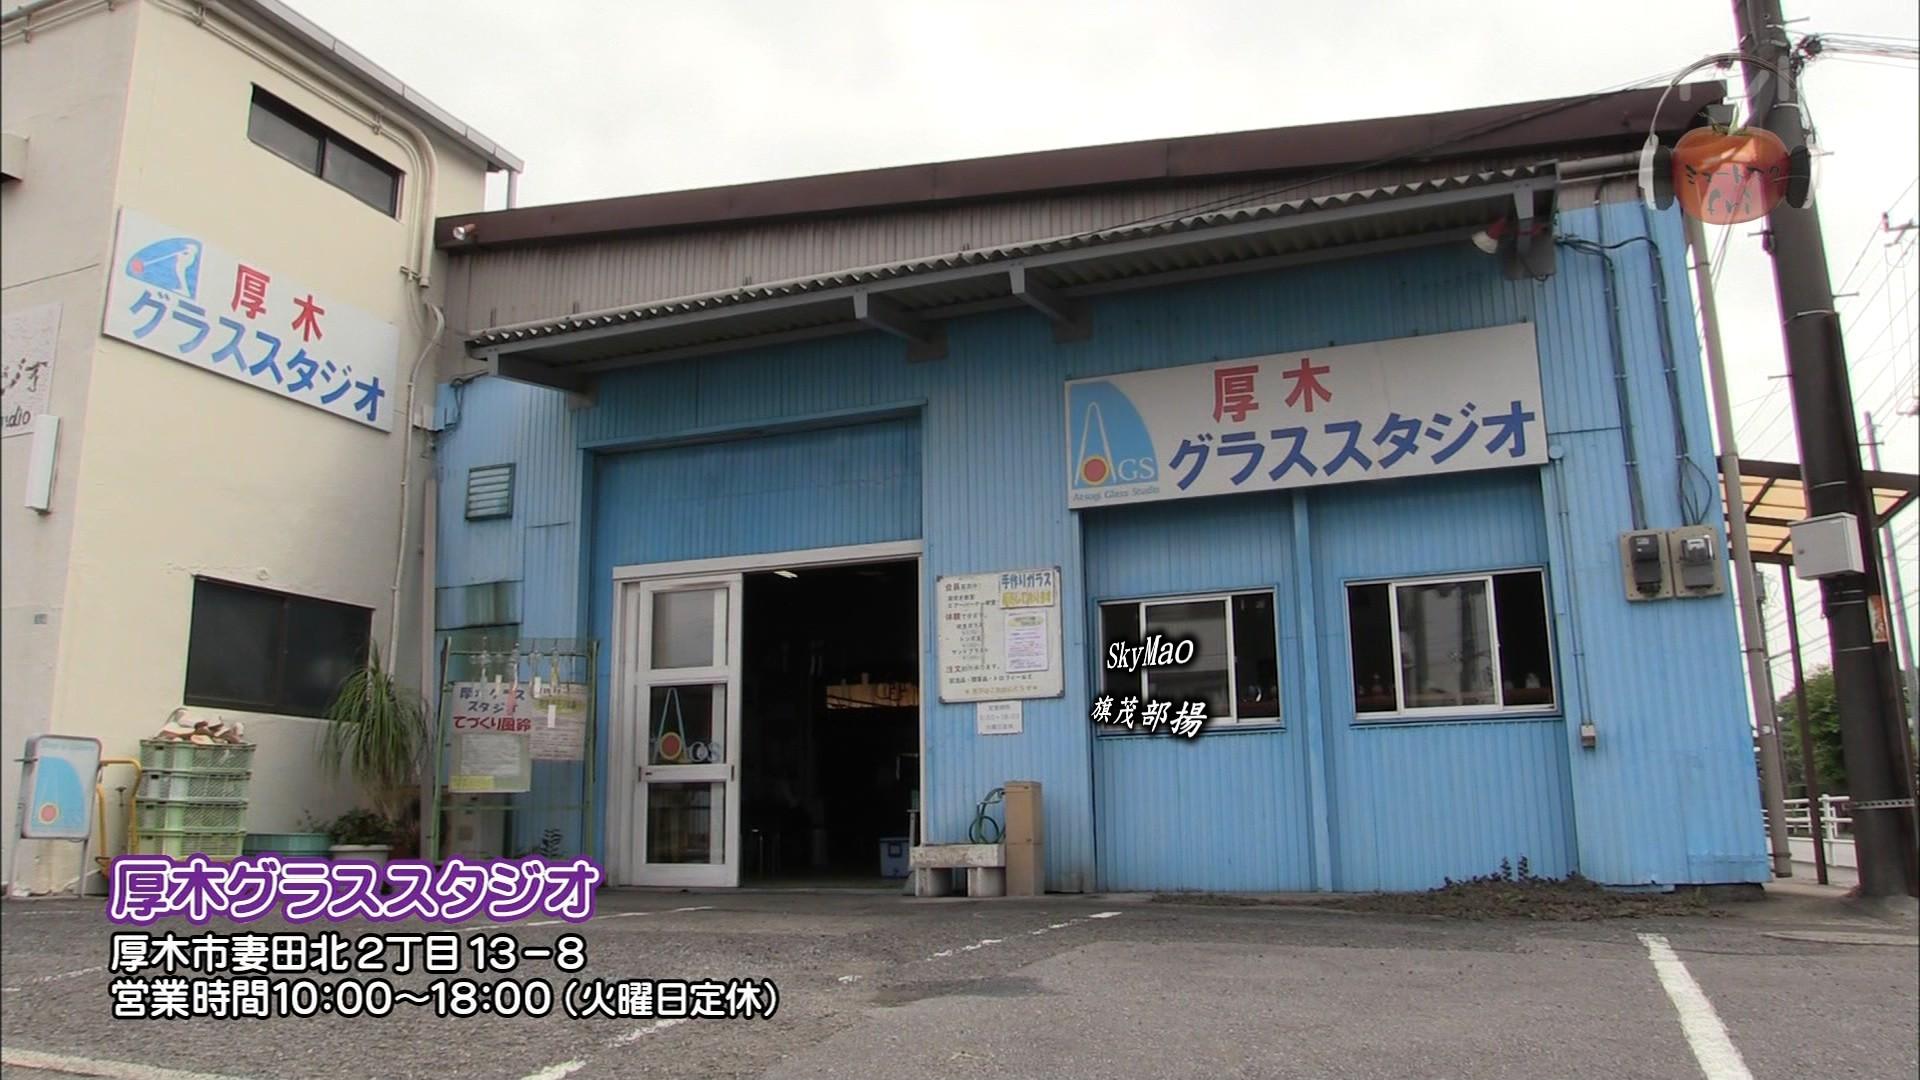 2017.09.22 全場(ミュートマ2).ts_20170923_002428.216